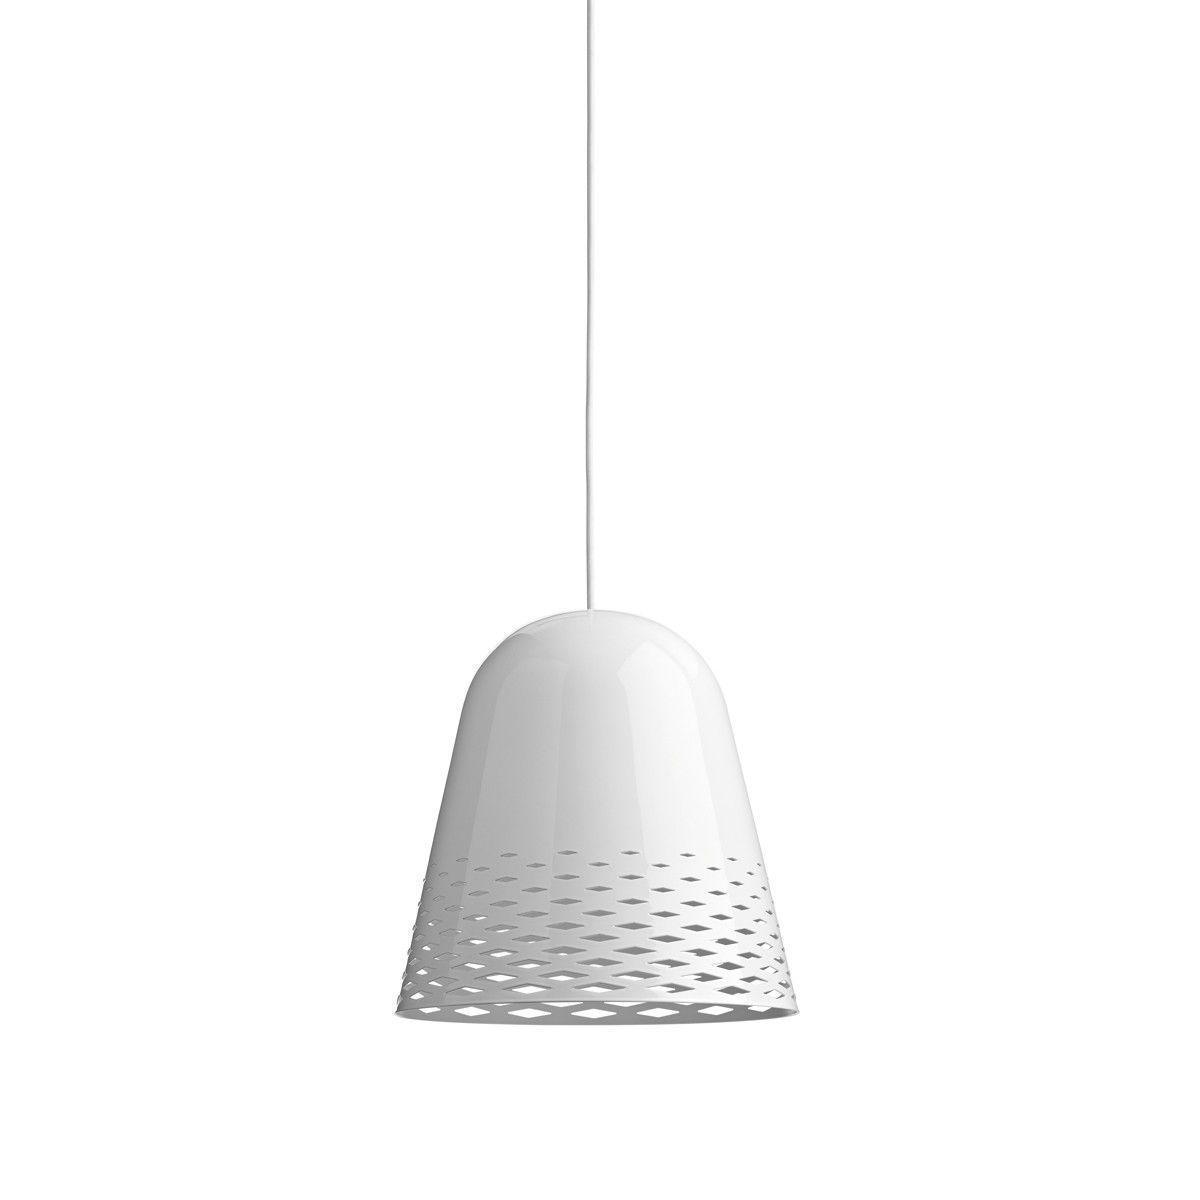 Pendelleuchten Wohnzimmerlampen Pendelleuchten Glas Weiss Pendelleuchte Esstisch Kristall Pendelleuchte Tisch L Pendant Light Ceiling Lights Home Decor